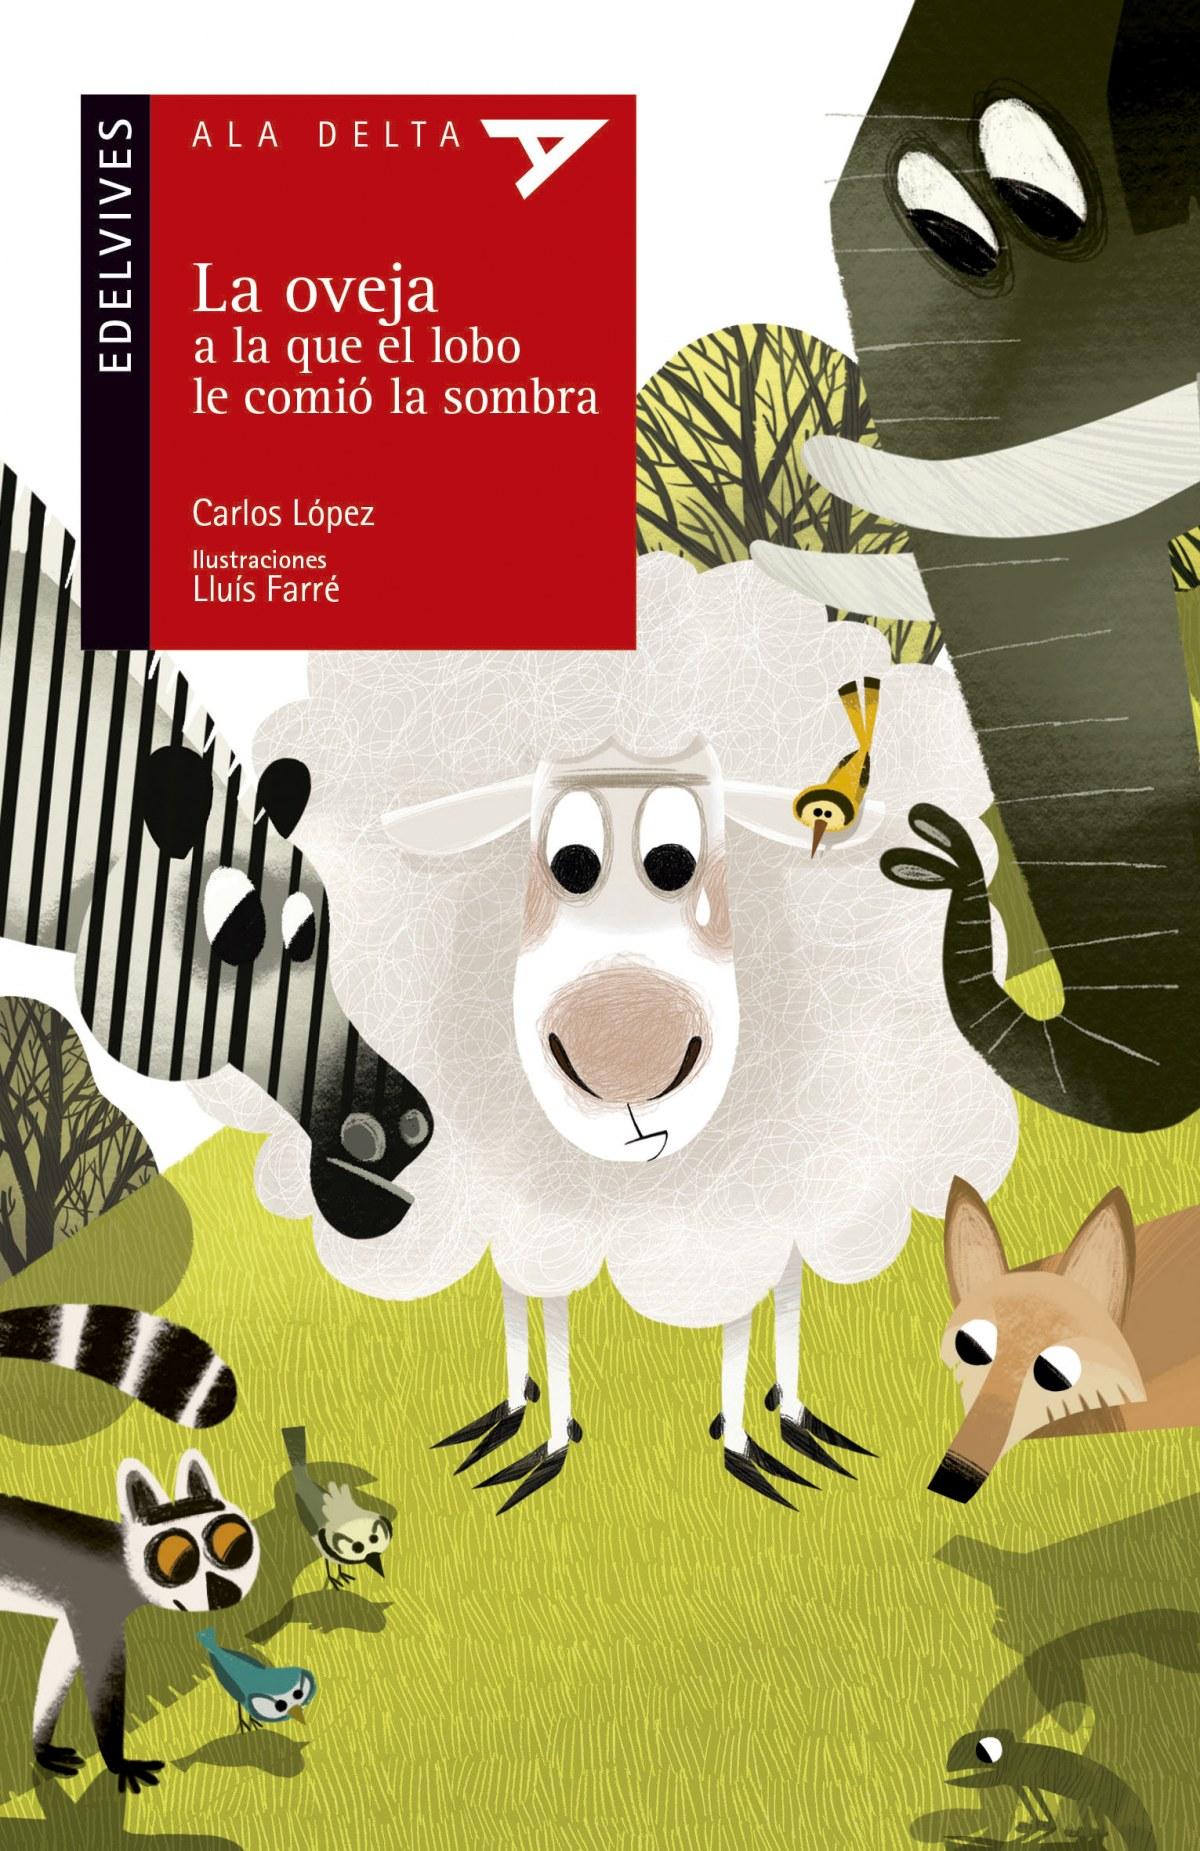 La oveja a la que el lobo le comió la sombra